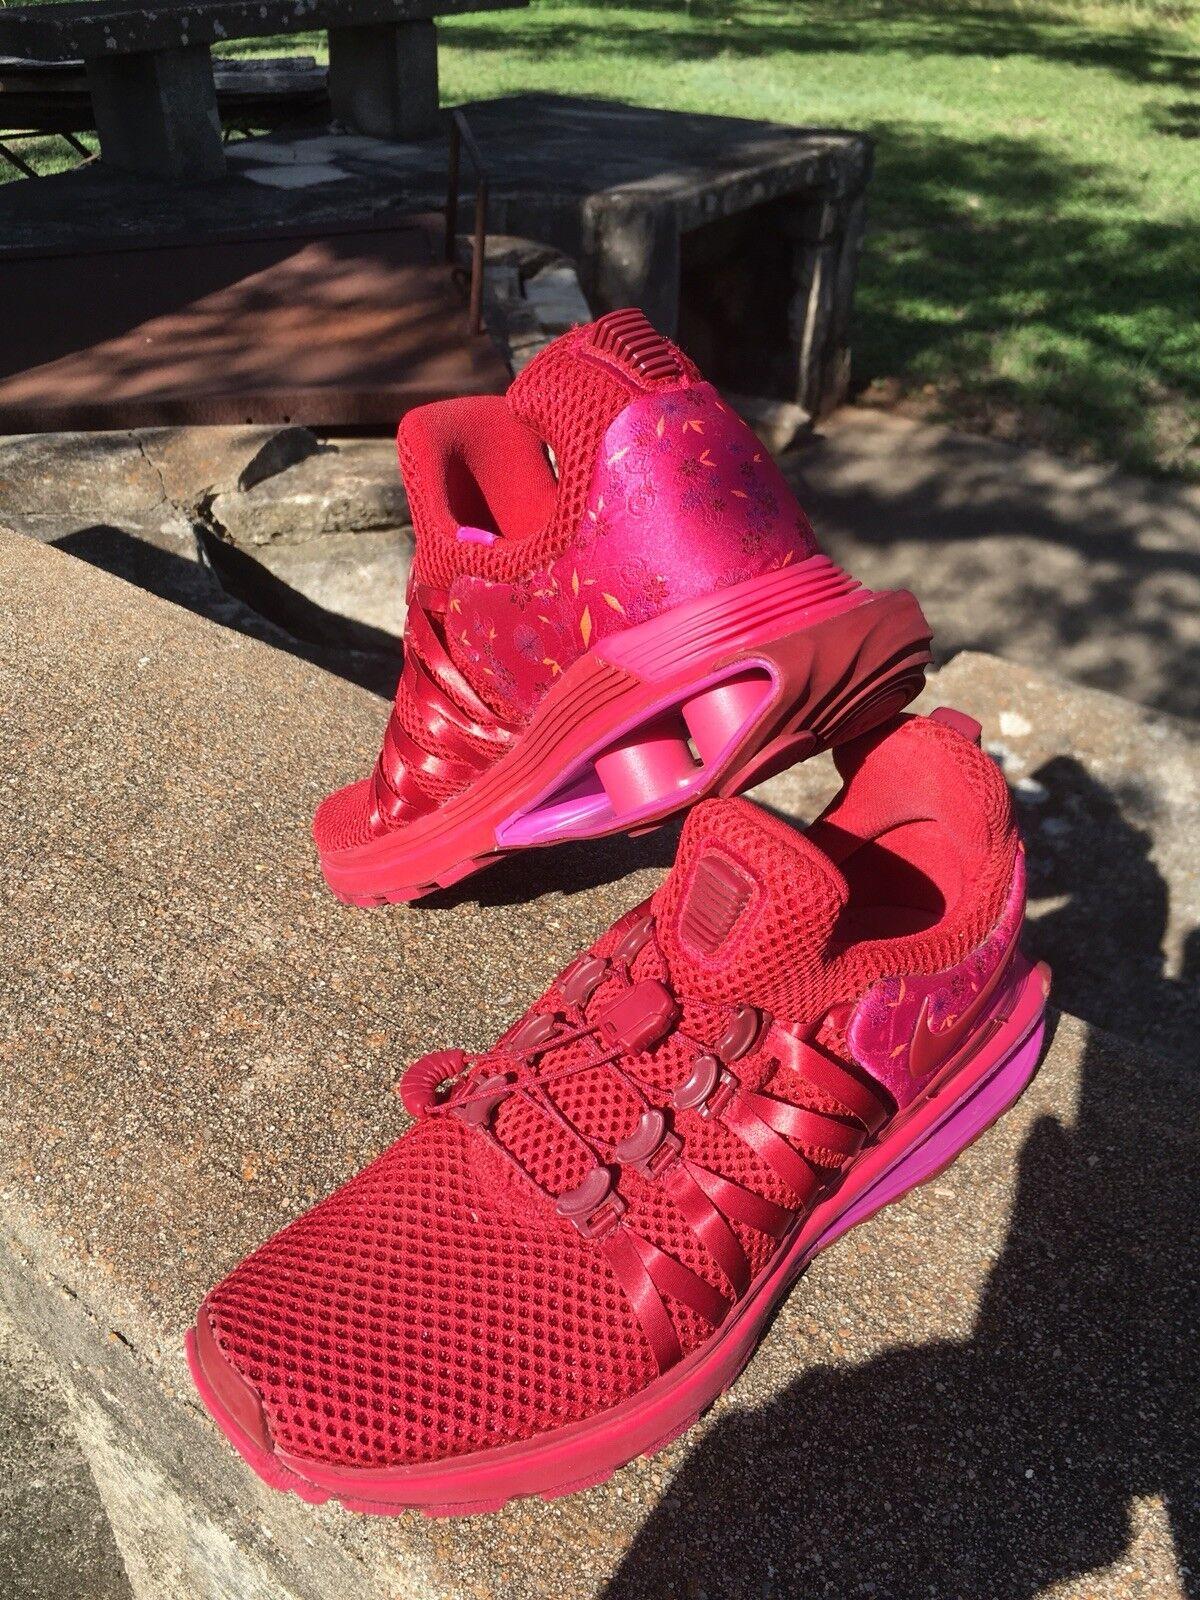 Women's Nike Shox Gravity Red Crush Wild Cherry size 7.5